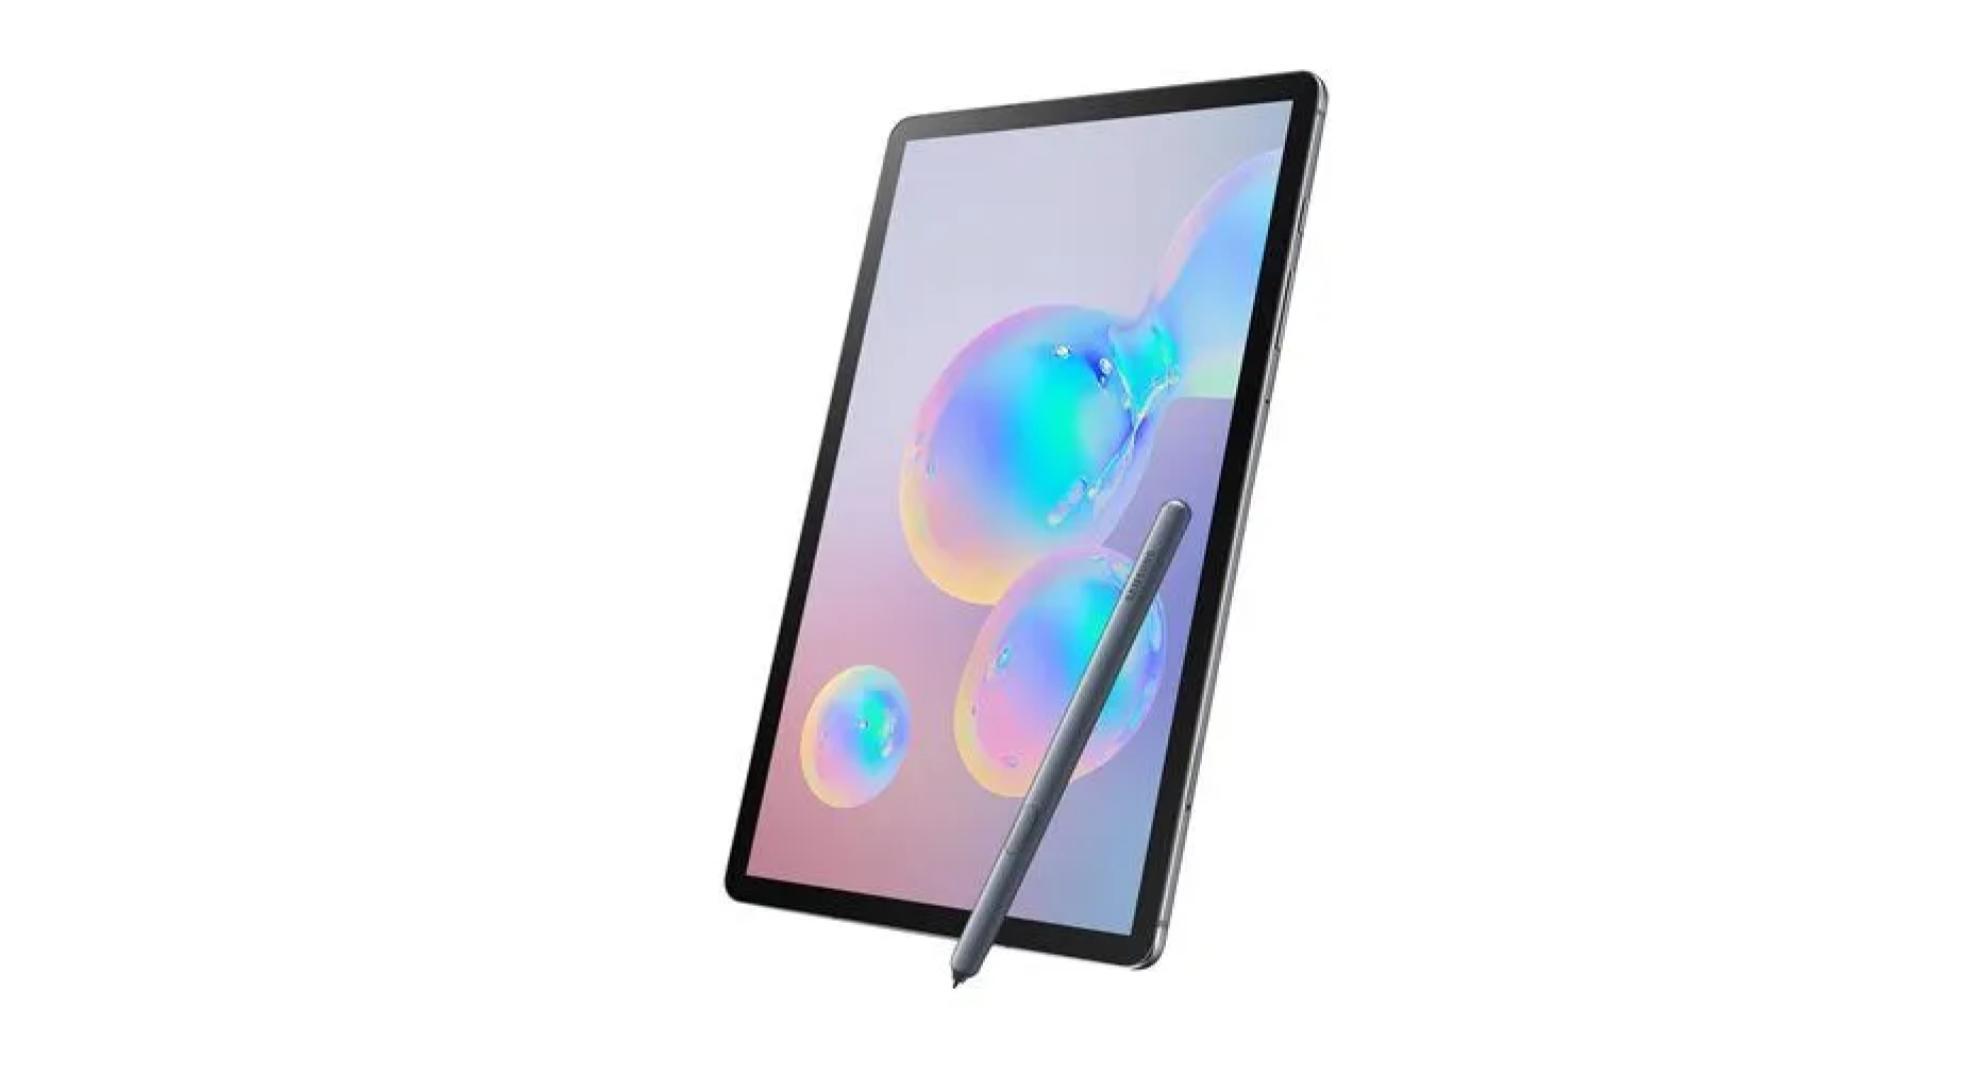 La tablette Samsung Galaxy Tab S6 est encore moins chère en cette rentrée